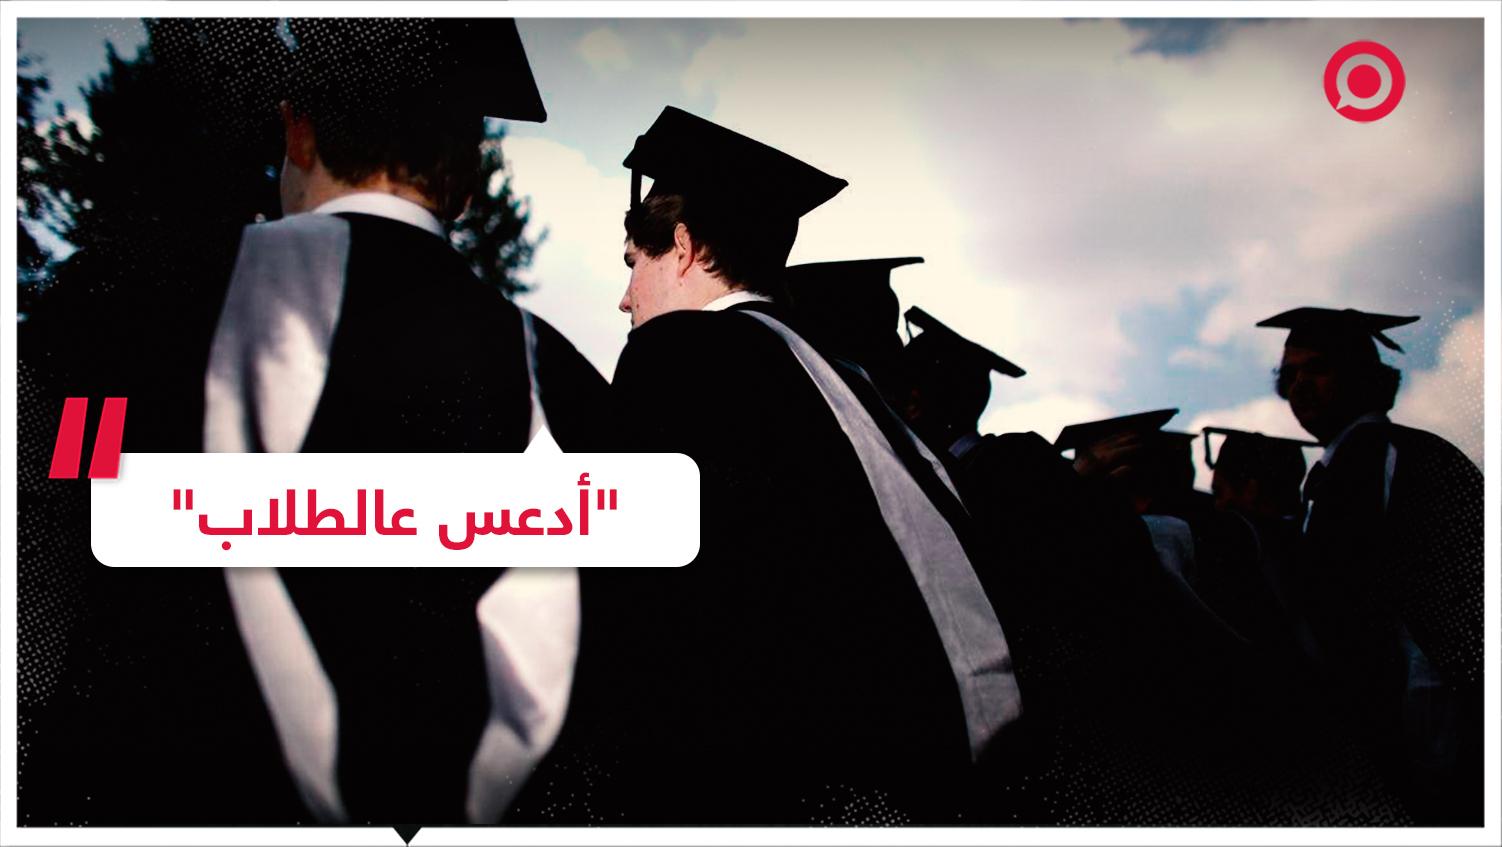 #جامعة_الطائف #السعودية #دكتور_جامعي #طلاب